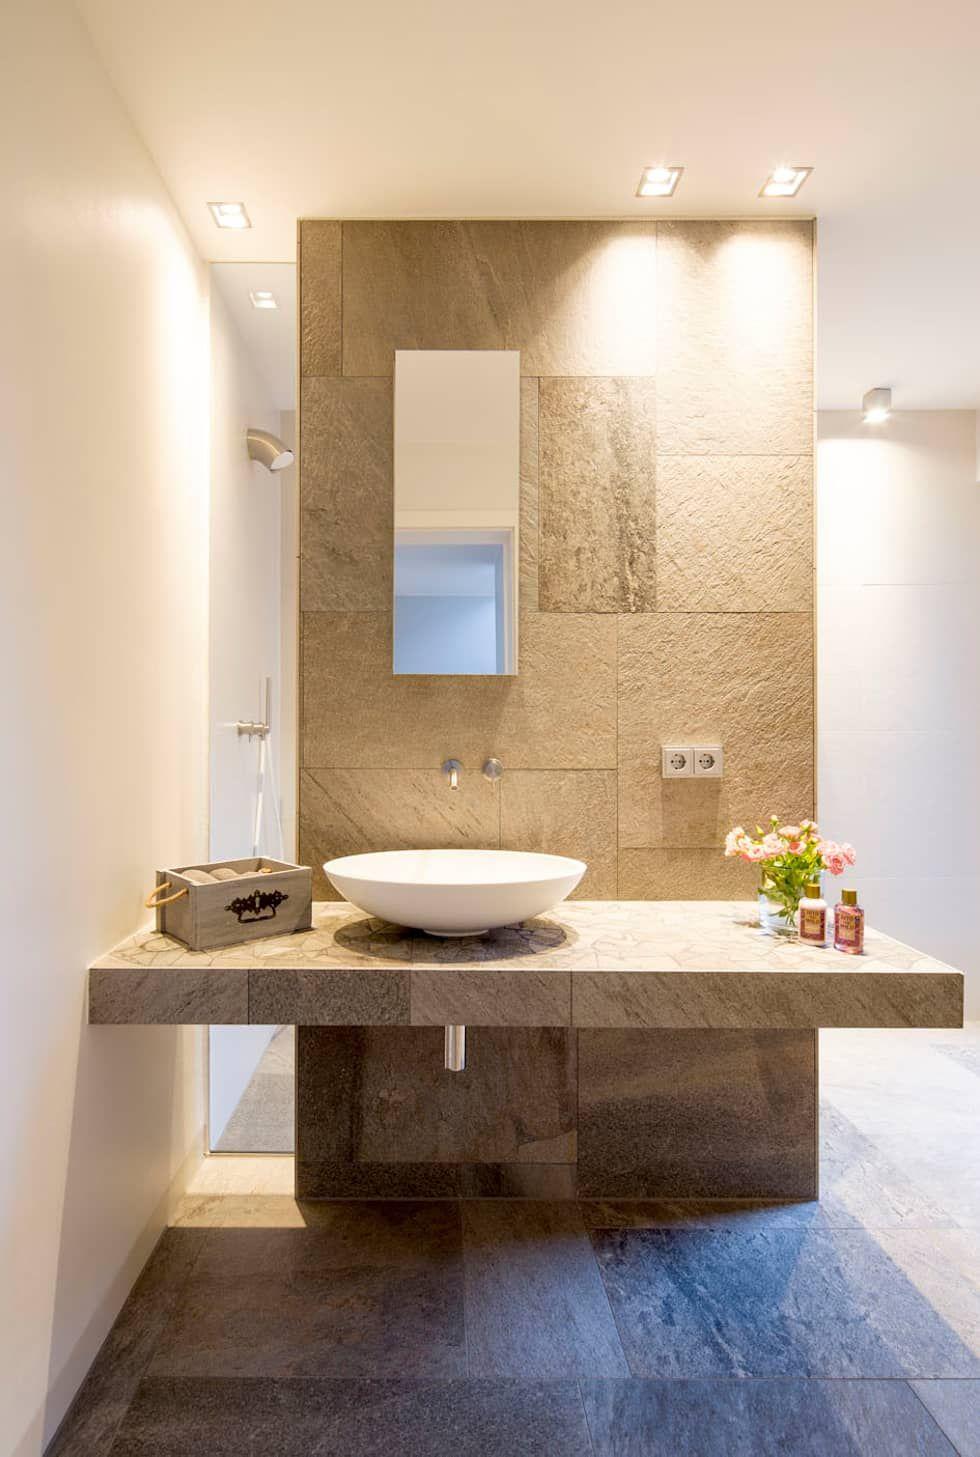 Wohnideen interior design einrichtungsideen u bilder modern